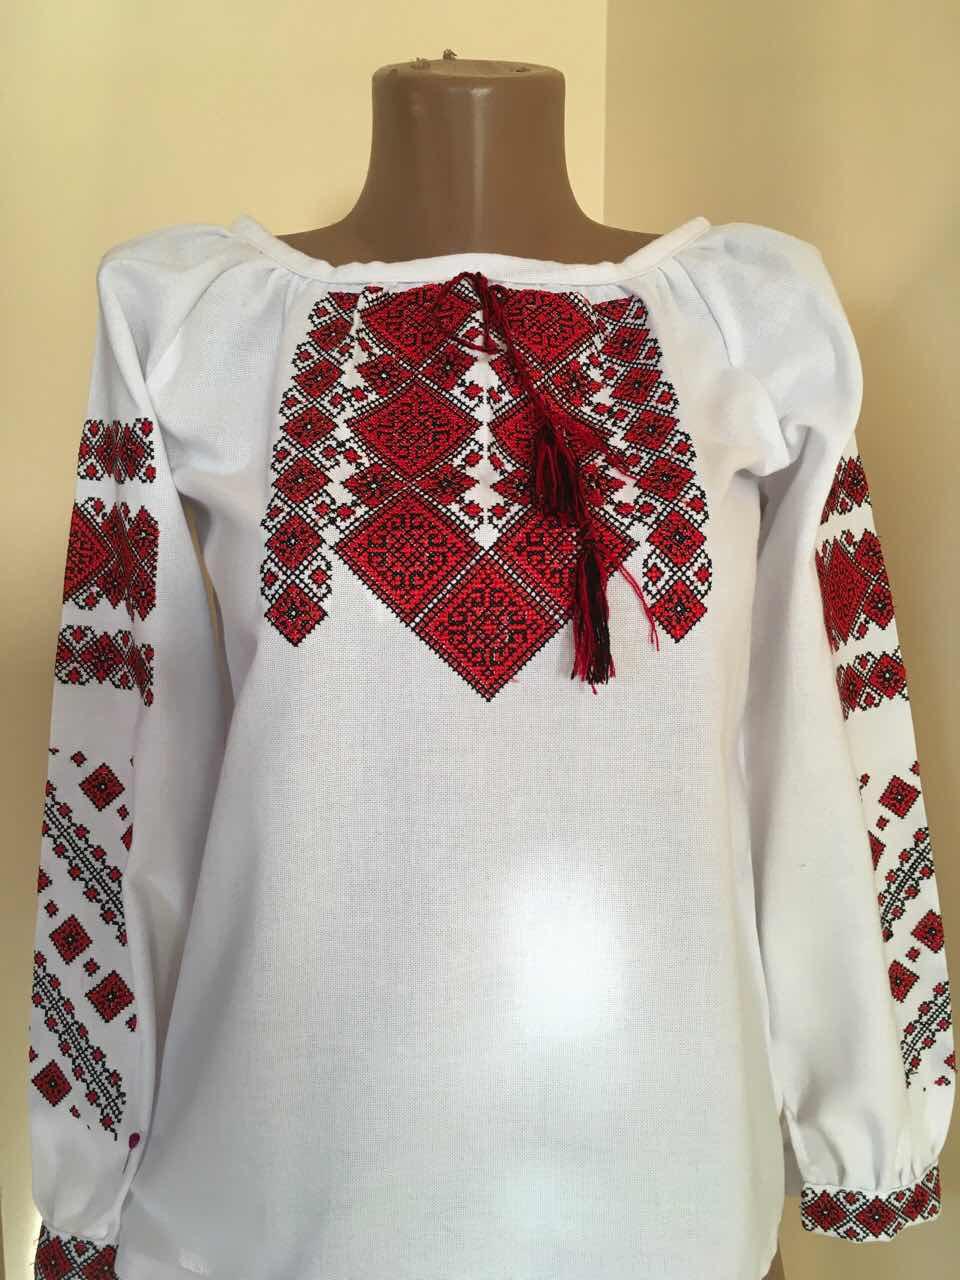 Біла вишиванка для дівчинки з геометричним орнаментом - Скарбниця Карпат-  інтернет магазин виробів ручної роботи 3353eb15684e0